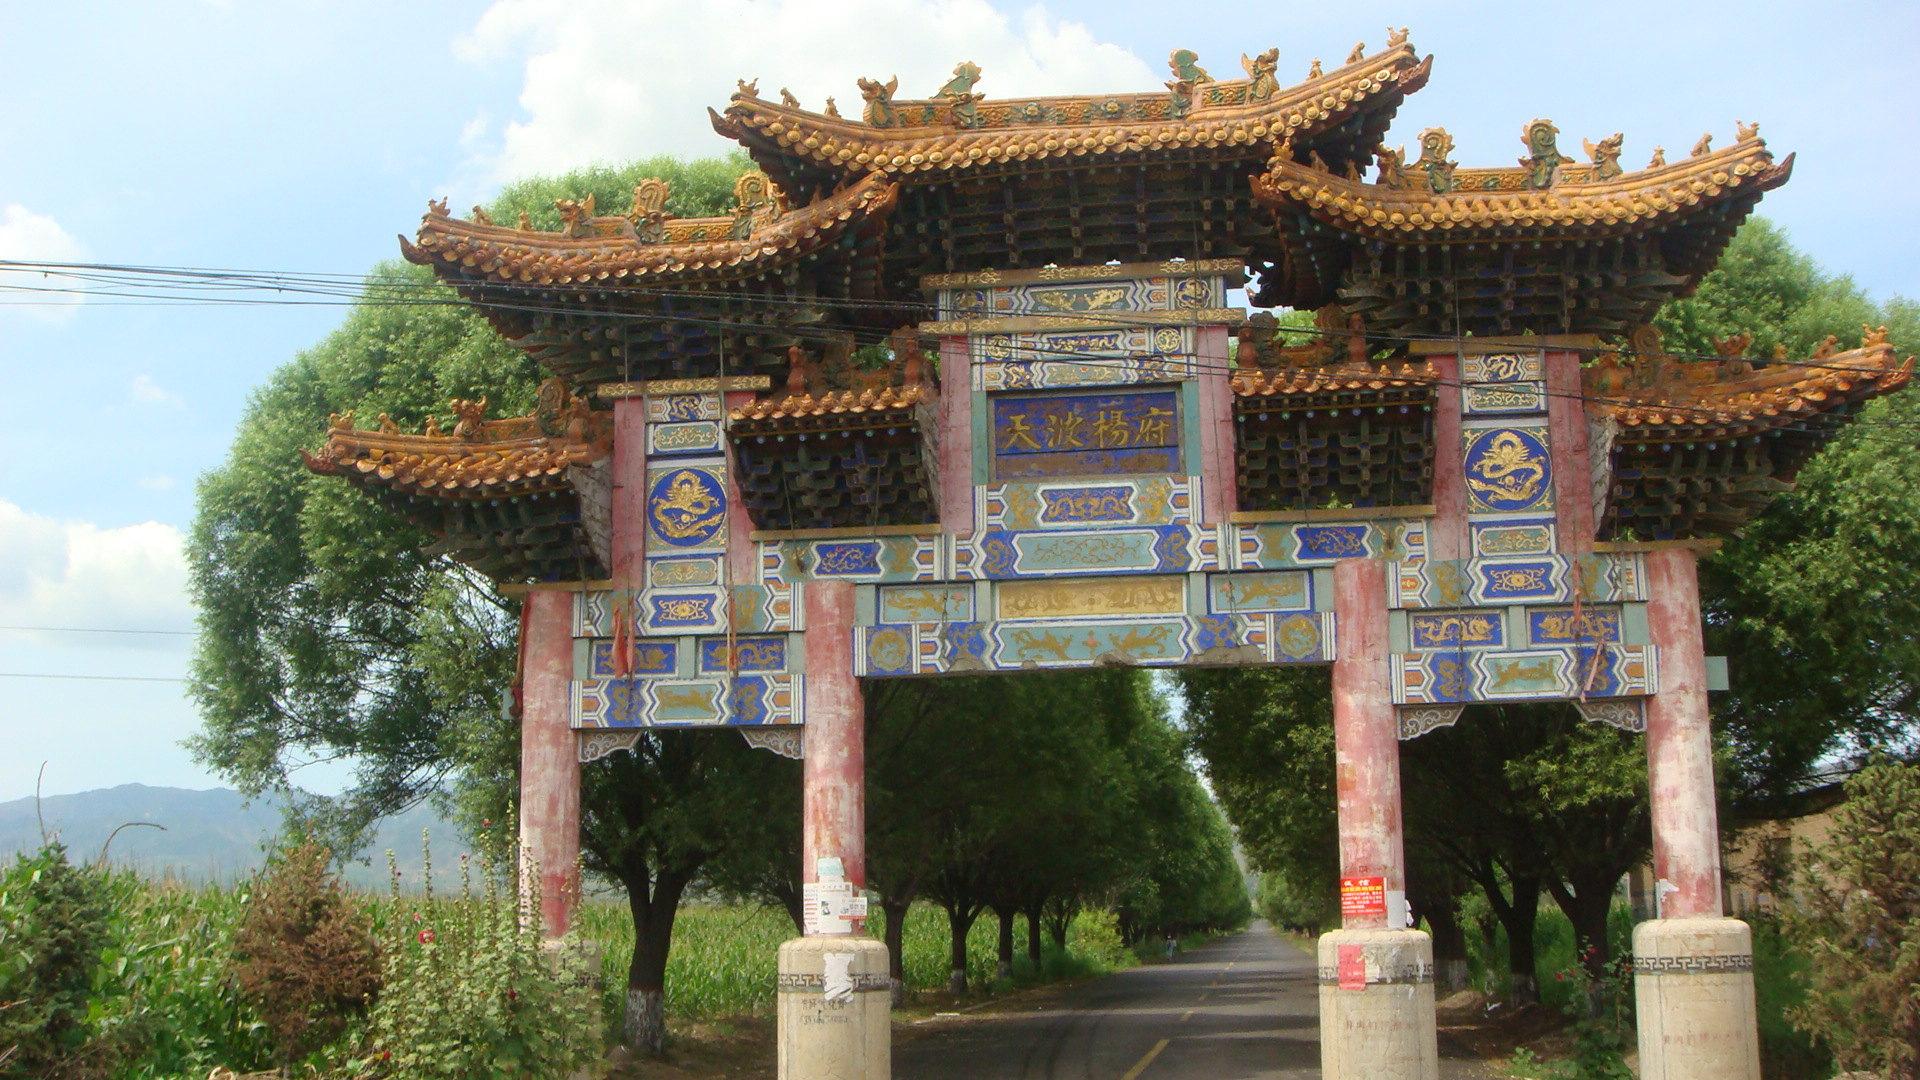 是杨业后代为祭祀杨业夫妇暨杨氏后代英烈而建造的祠堂.